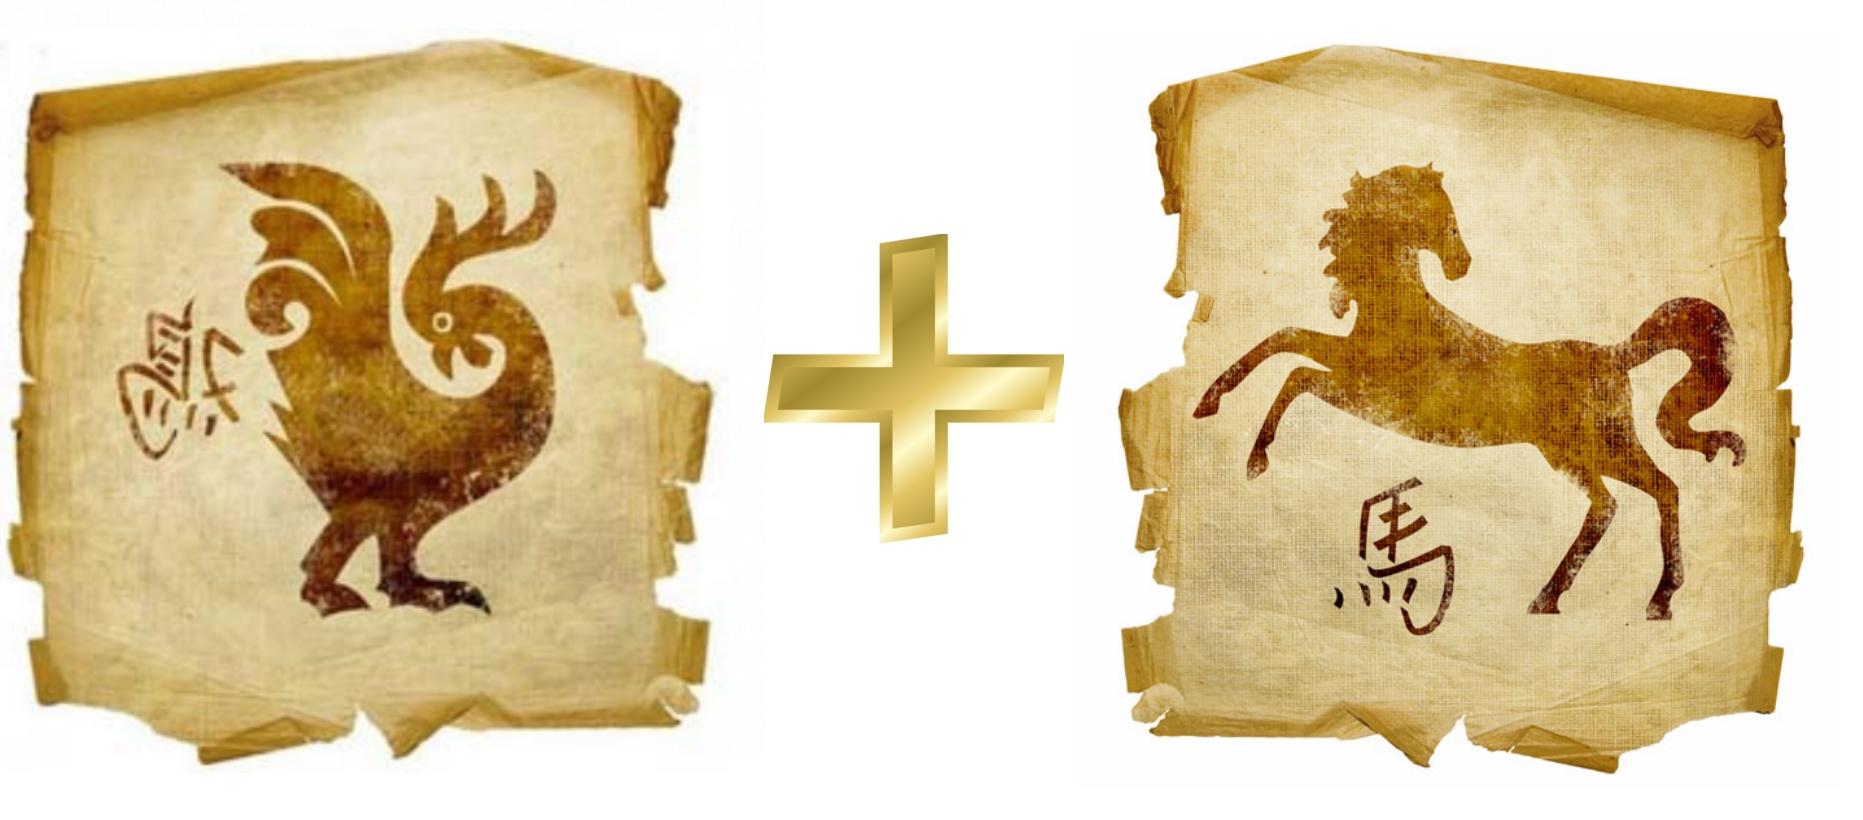 Петух и Лешадь: Гороскоп любовной совместимости по знакам